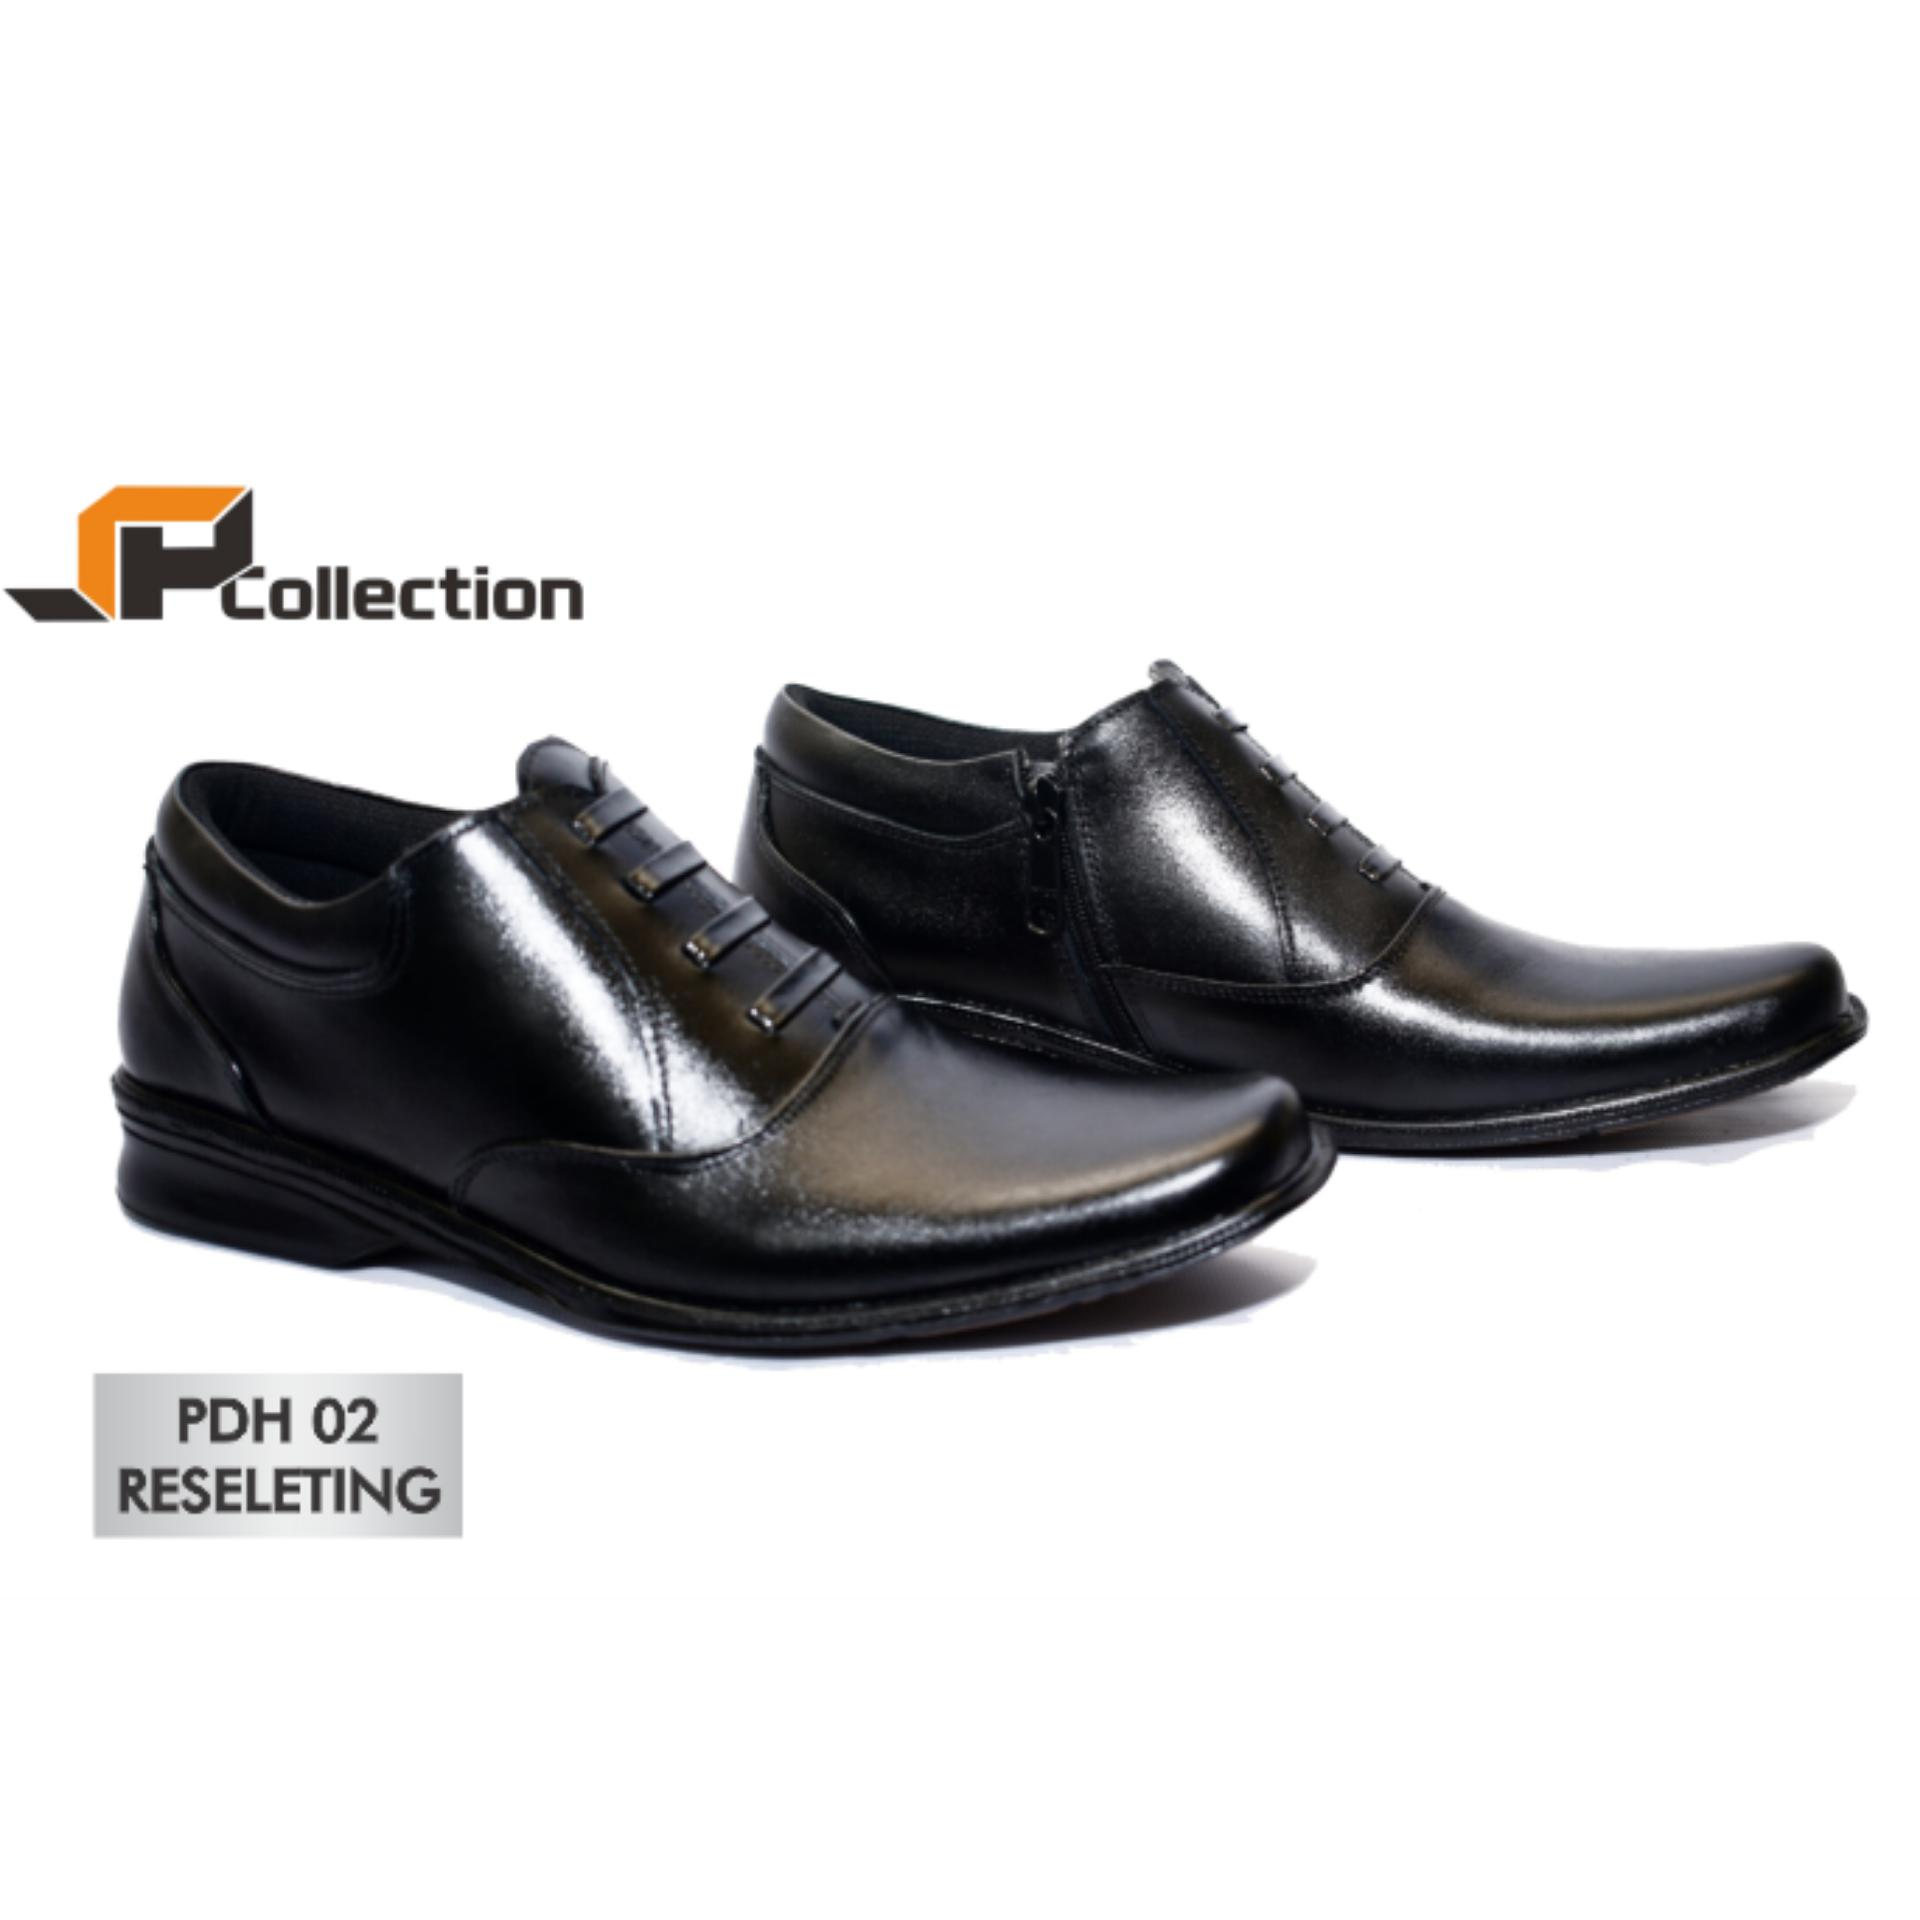 JAFERI Sepatu Formal PDH 02 Reseleting Warna Hitam Bahan Kulit Asli Cocok Untuk Dinas Harian POLRI, TNI, DISHUB, PNS, Karyawan, Guru, Dll